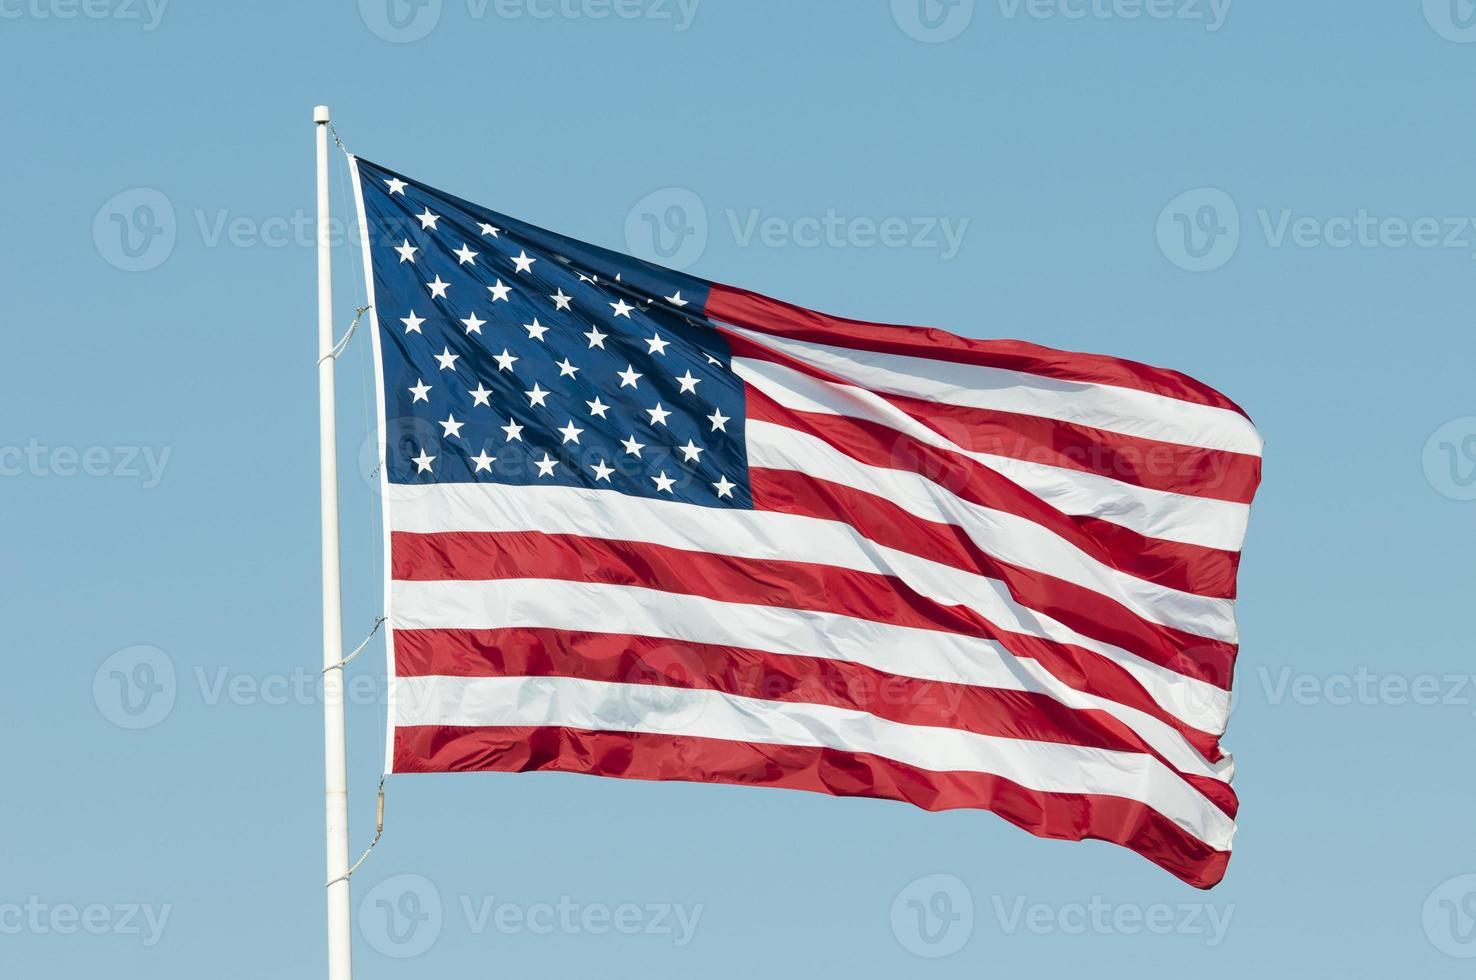 drapeau américain ondulant dans le ciel bleu photo